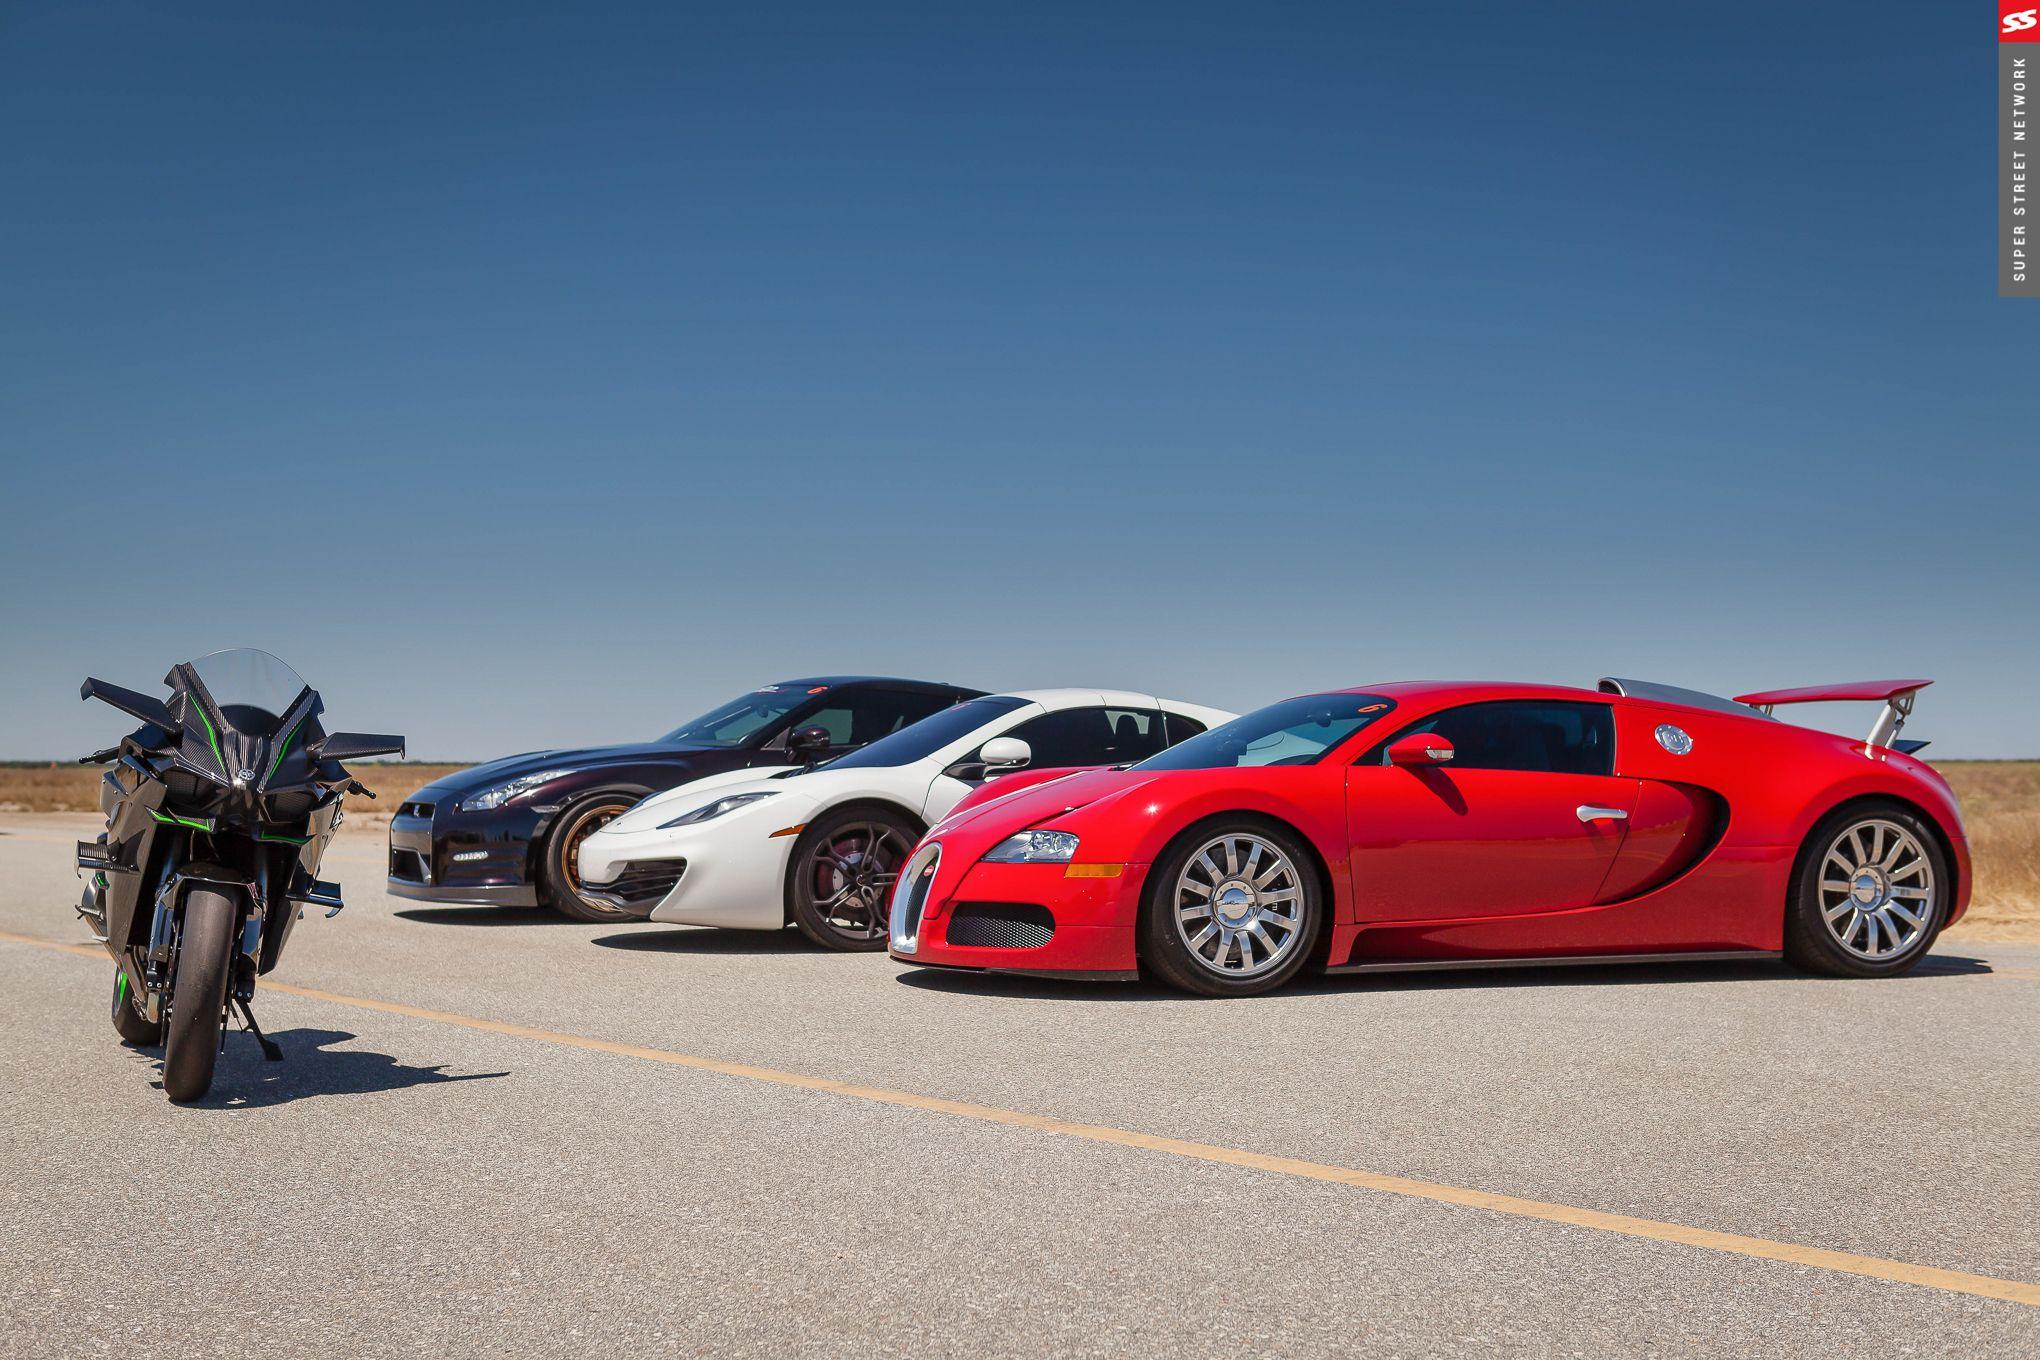 Três super carros versus uma super moto, quem leva a melhor?